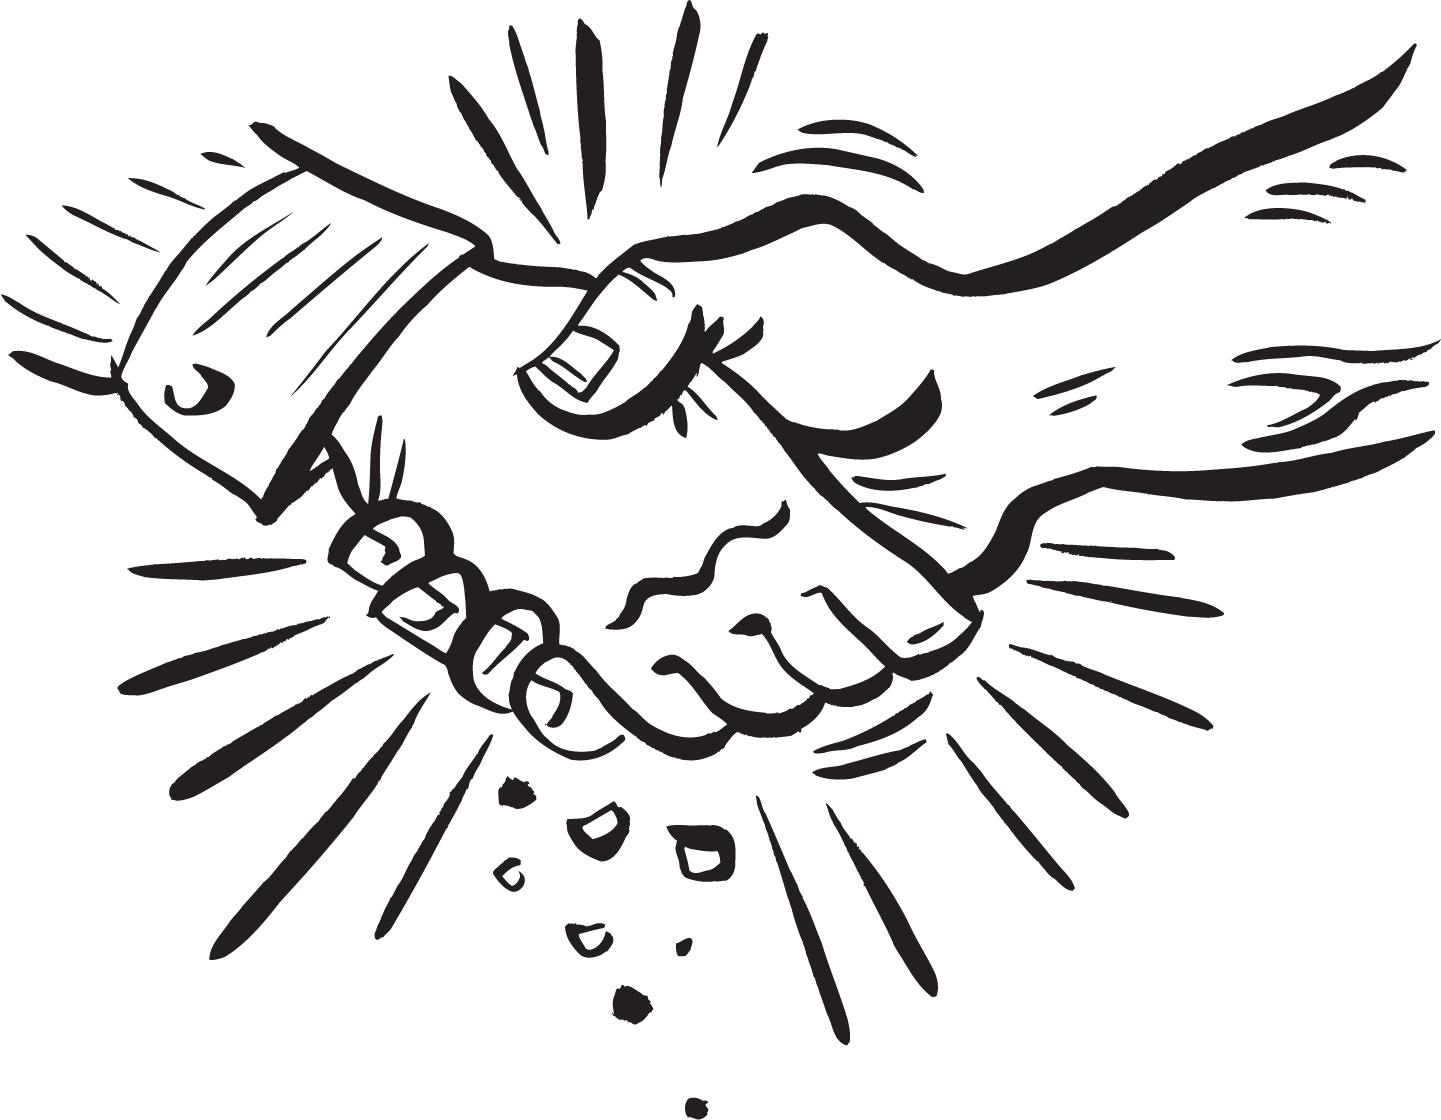 VERY Friendly Handshake